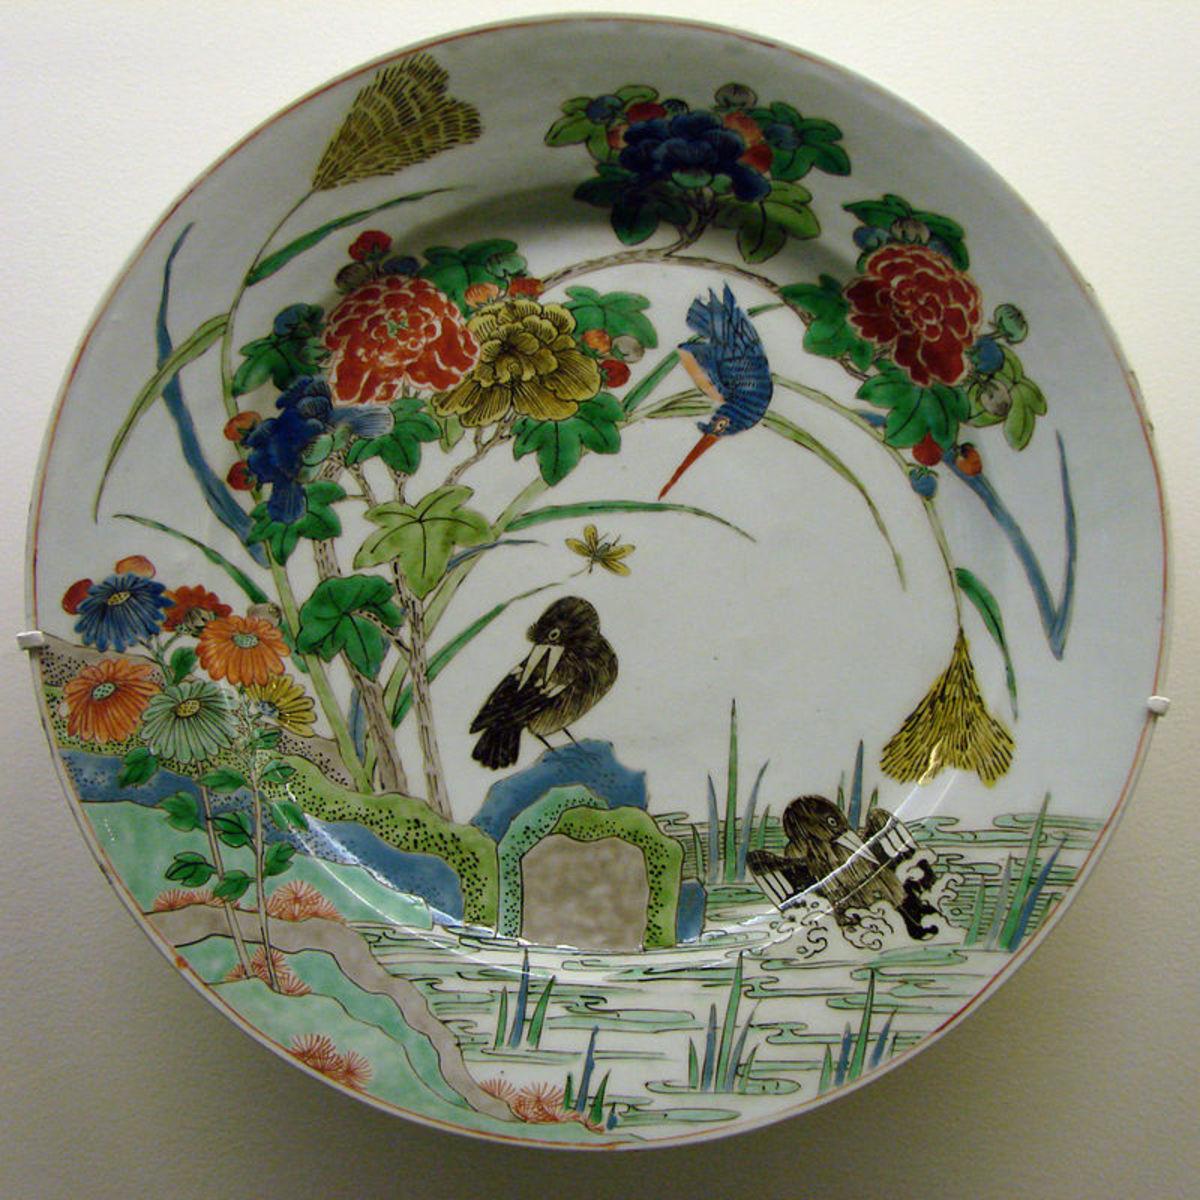 Plat à décor aquatique, dynastie Qing, période Kangxi (1662-1722), fin du 17ème siècle. Mu